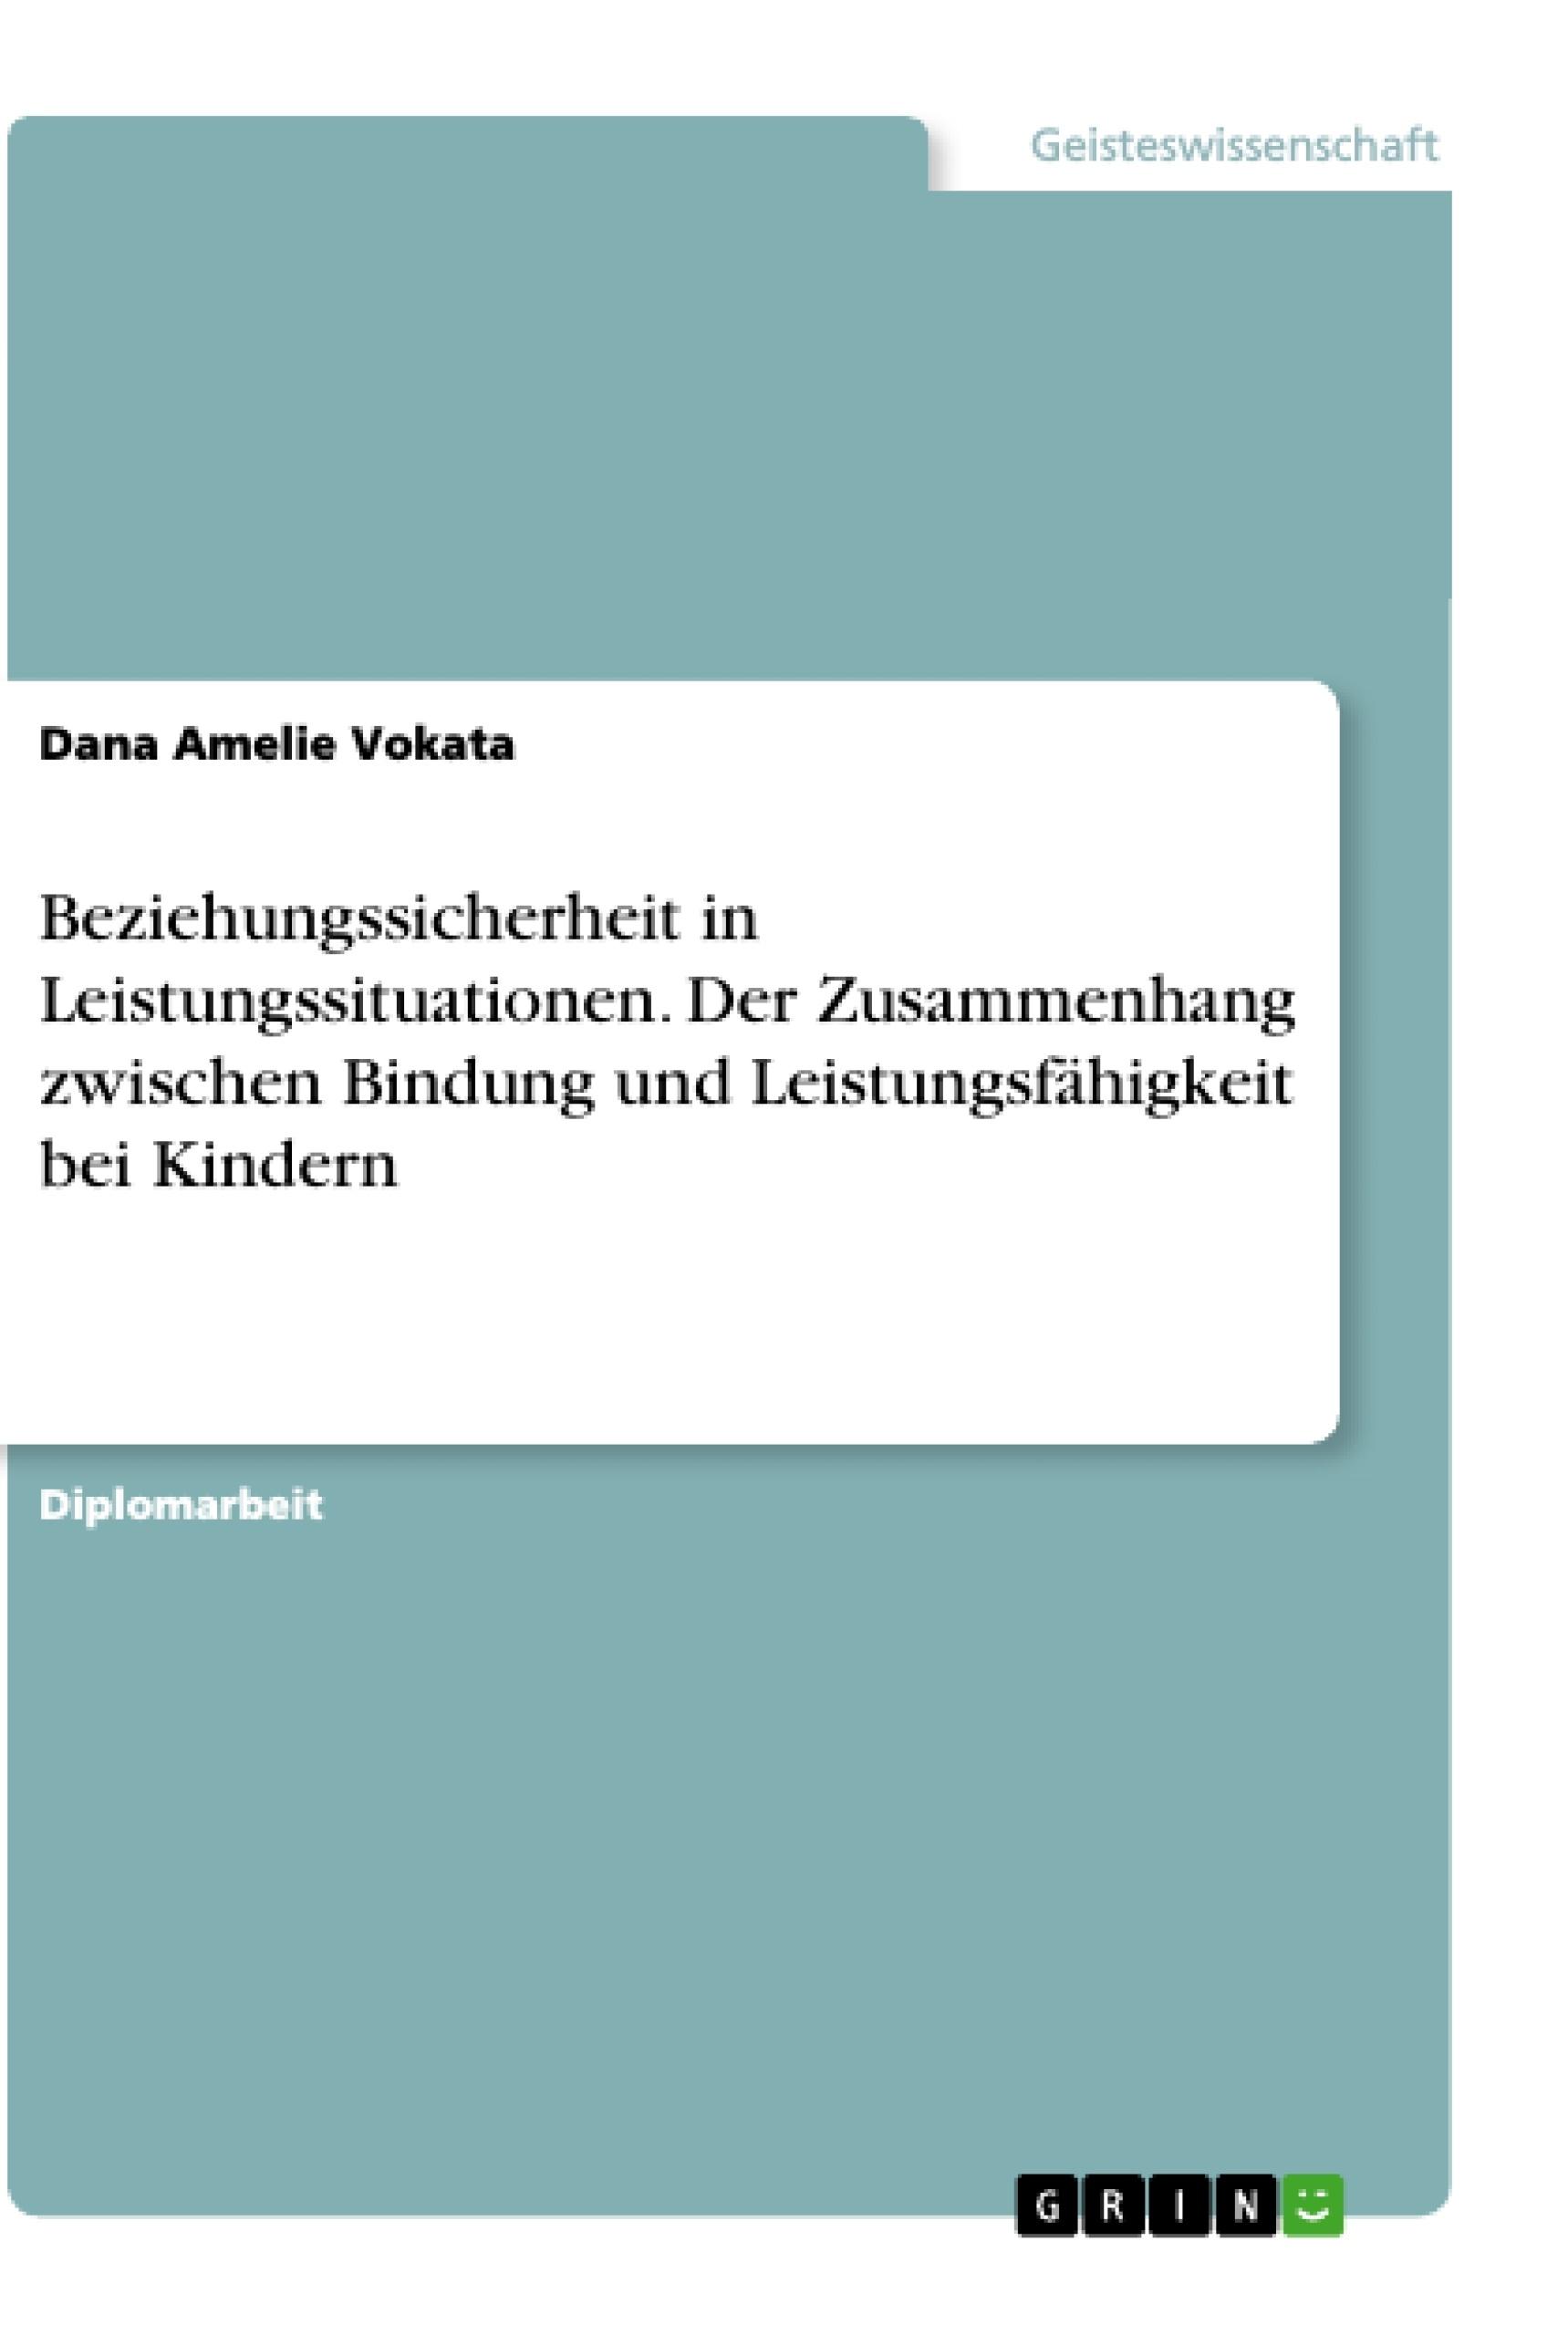 Titel: Beziehungssicherheit in Leistungssituationen. Der Zusammenhang zwischen Bindung und Leistungsfähigkeit bei Kindern